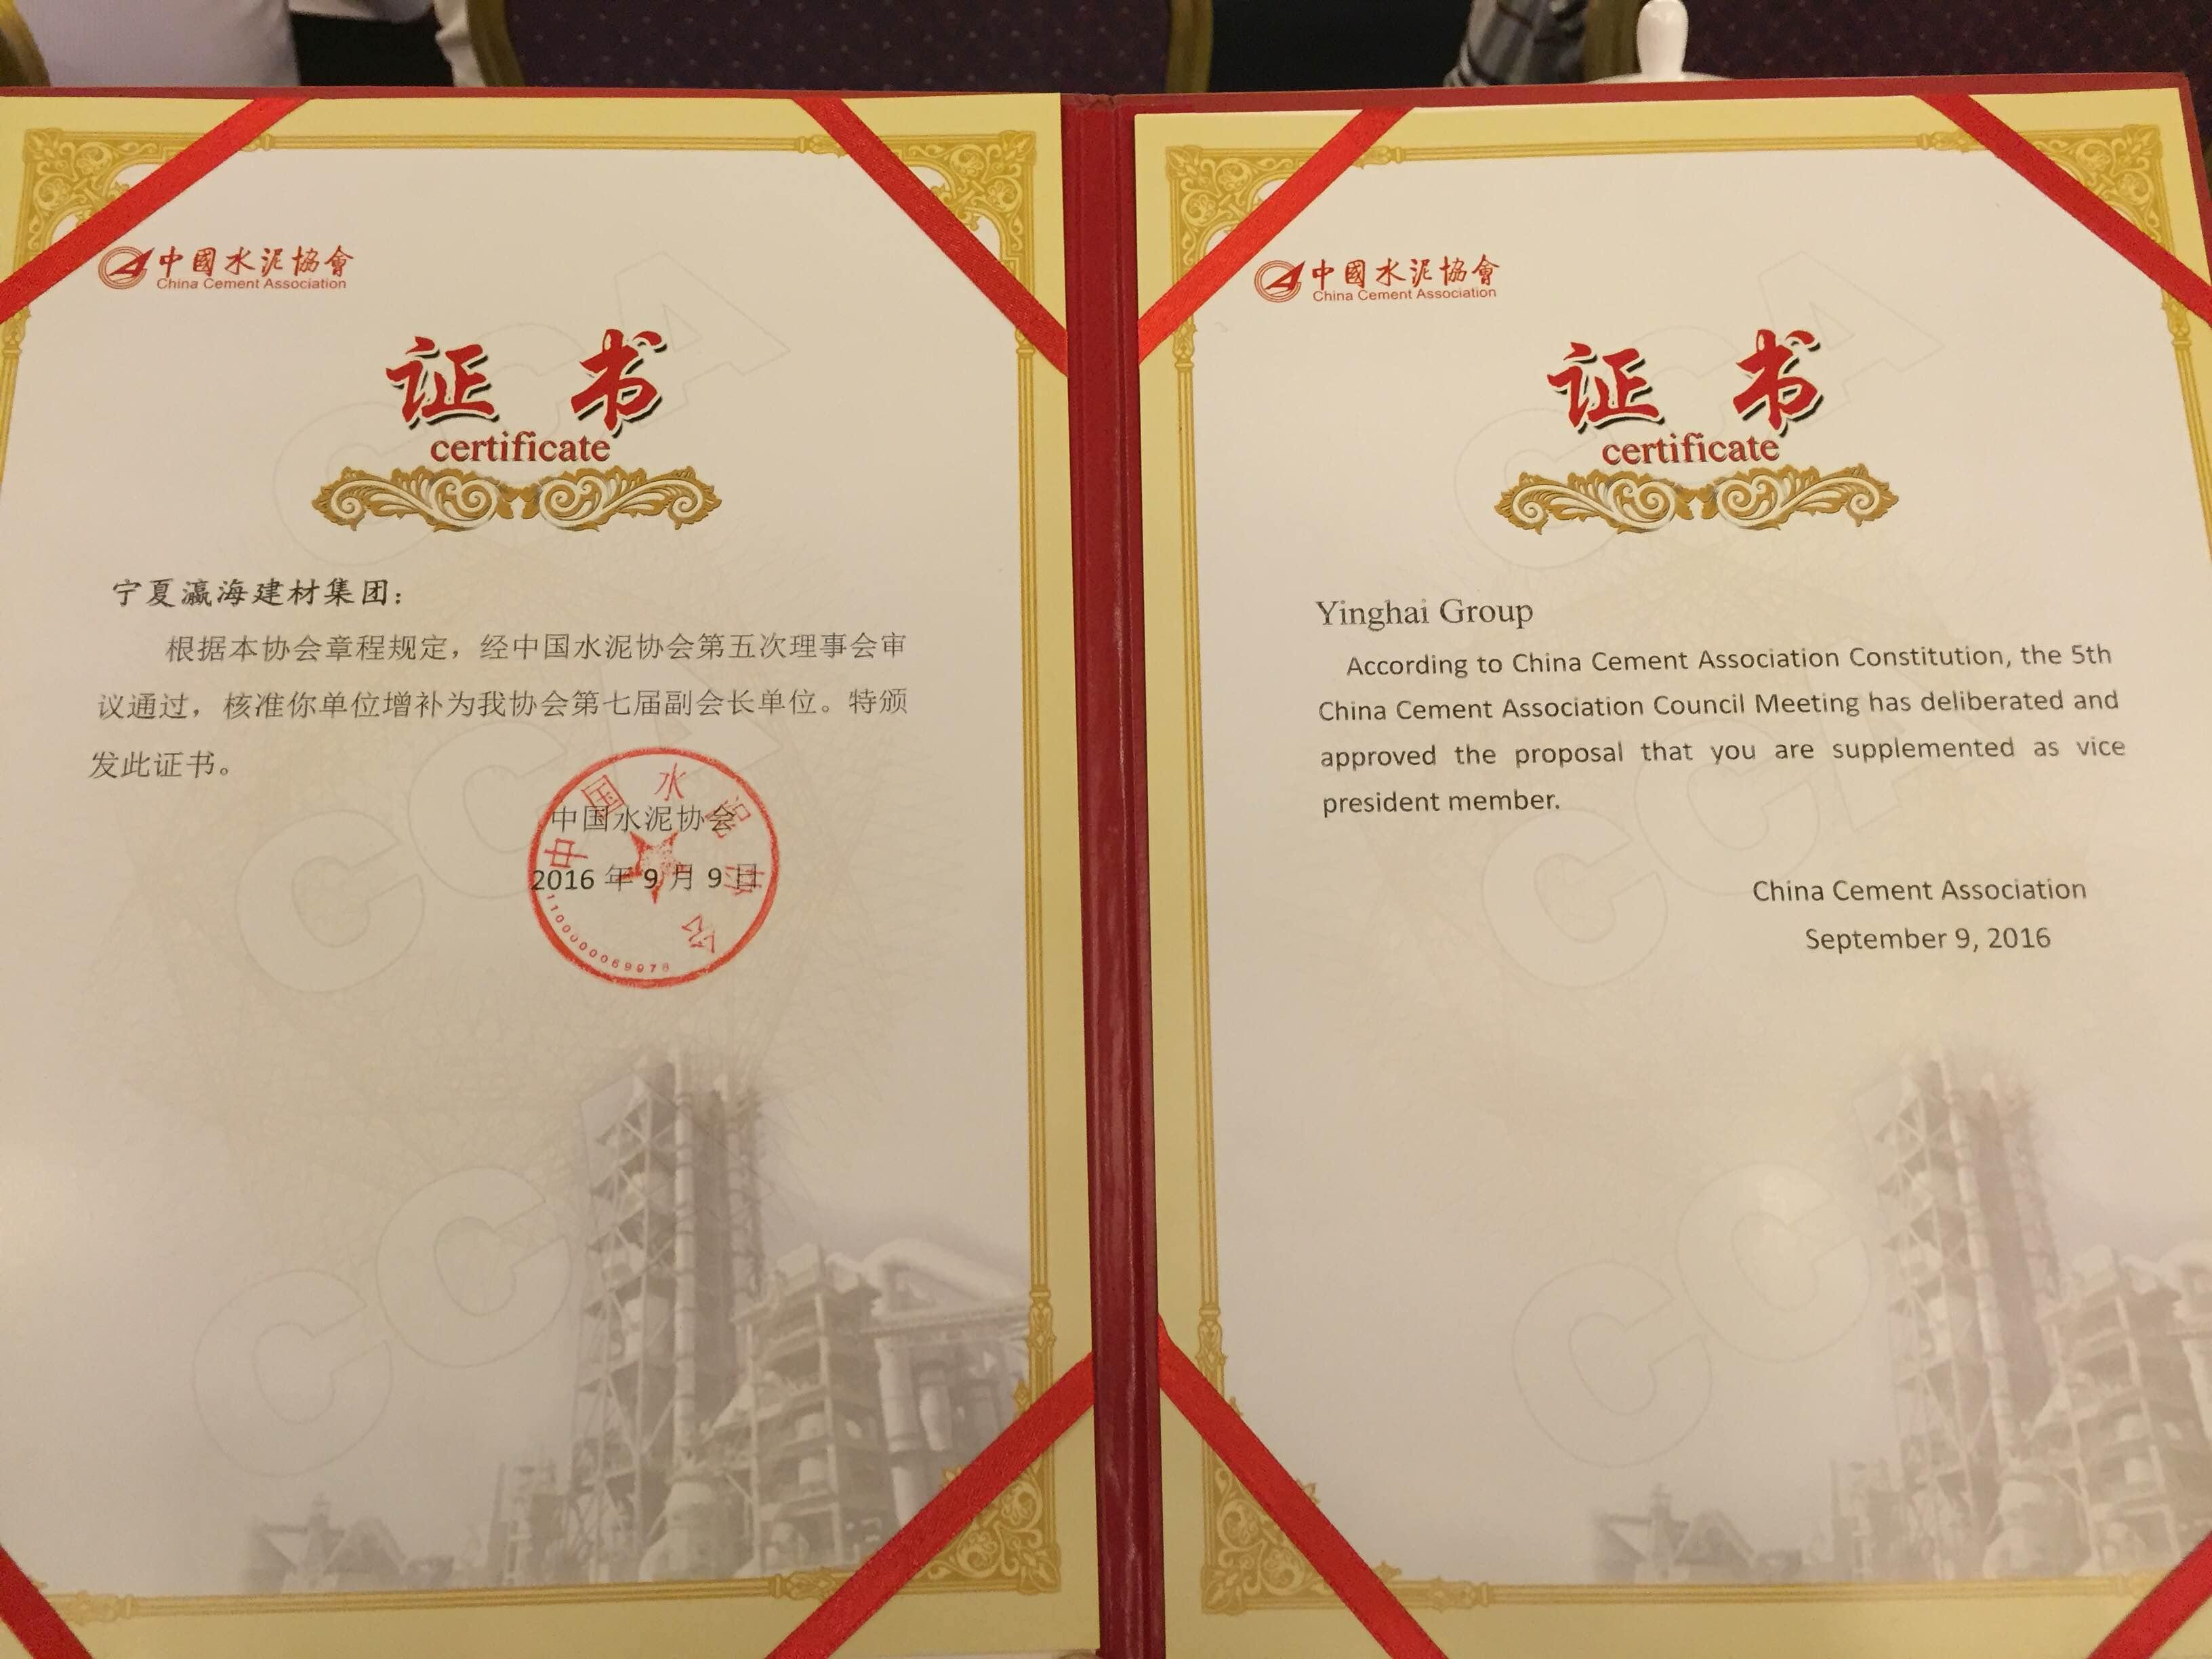 2016年9月9日,中国水泥协会七届五次理事大会暨八次常务理事大会在京召开。中国水泥协会会长乔龙德,中国水泥协会常务副会长孔祥忠出席了本次大会。参加本次会议的还有中国水泥协会副会长,各地方(建材)水泥协会会长、秘书长,全国大型水泥企业领导人圆桌会议(C12+3)成员,中国水泥协会理事单位、常务理事单位,中国水泥协会分支机构理事长、副理事长及秘书长,中国水泥产能50强企业总经理(或代表);部分媒体和特邀单位代表,相关特邀协会和机构的负责人。会议由中国水泥协会副秘书长张建新主持。 本次大会审议并通过了关于中国